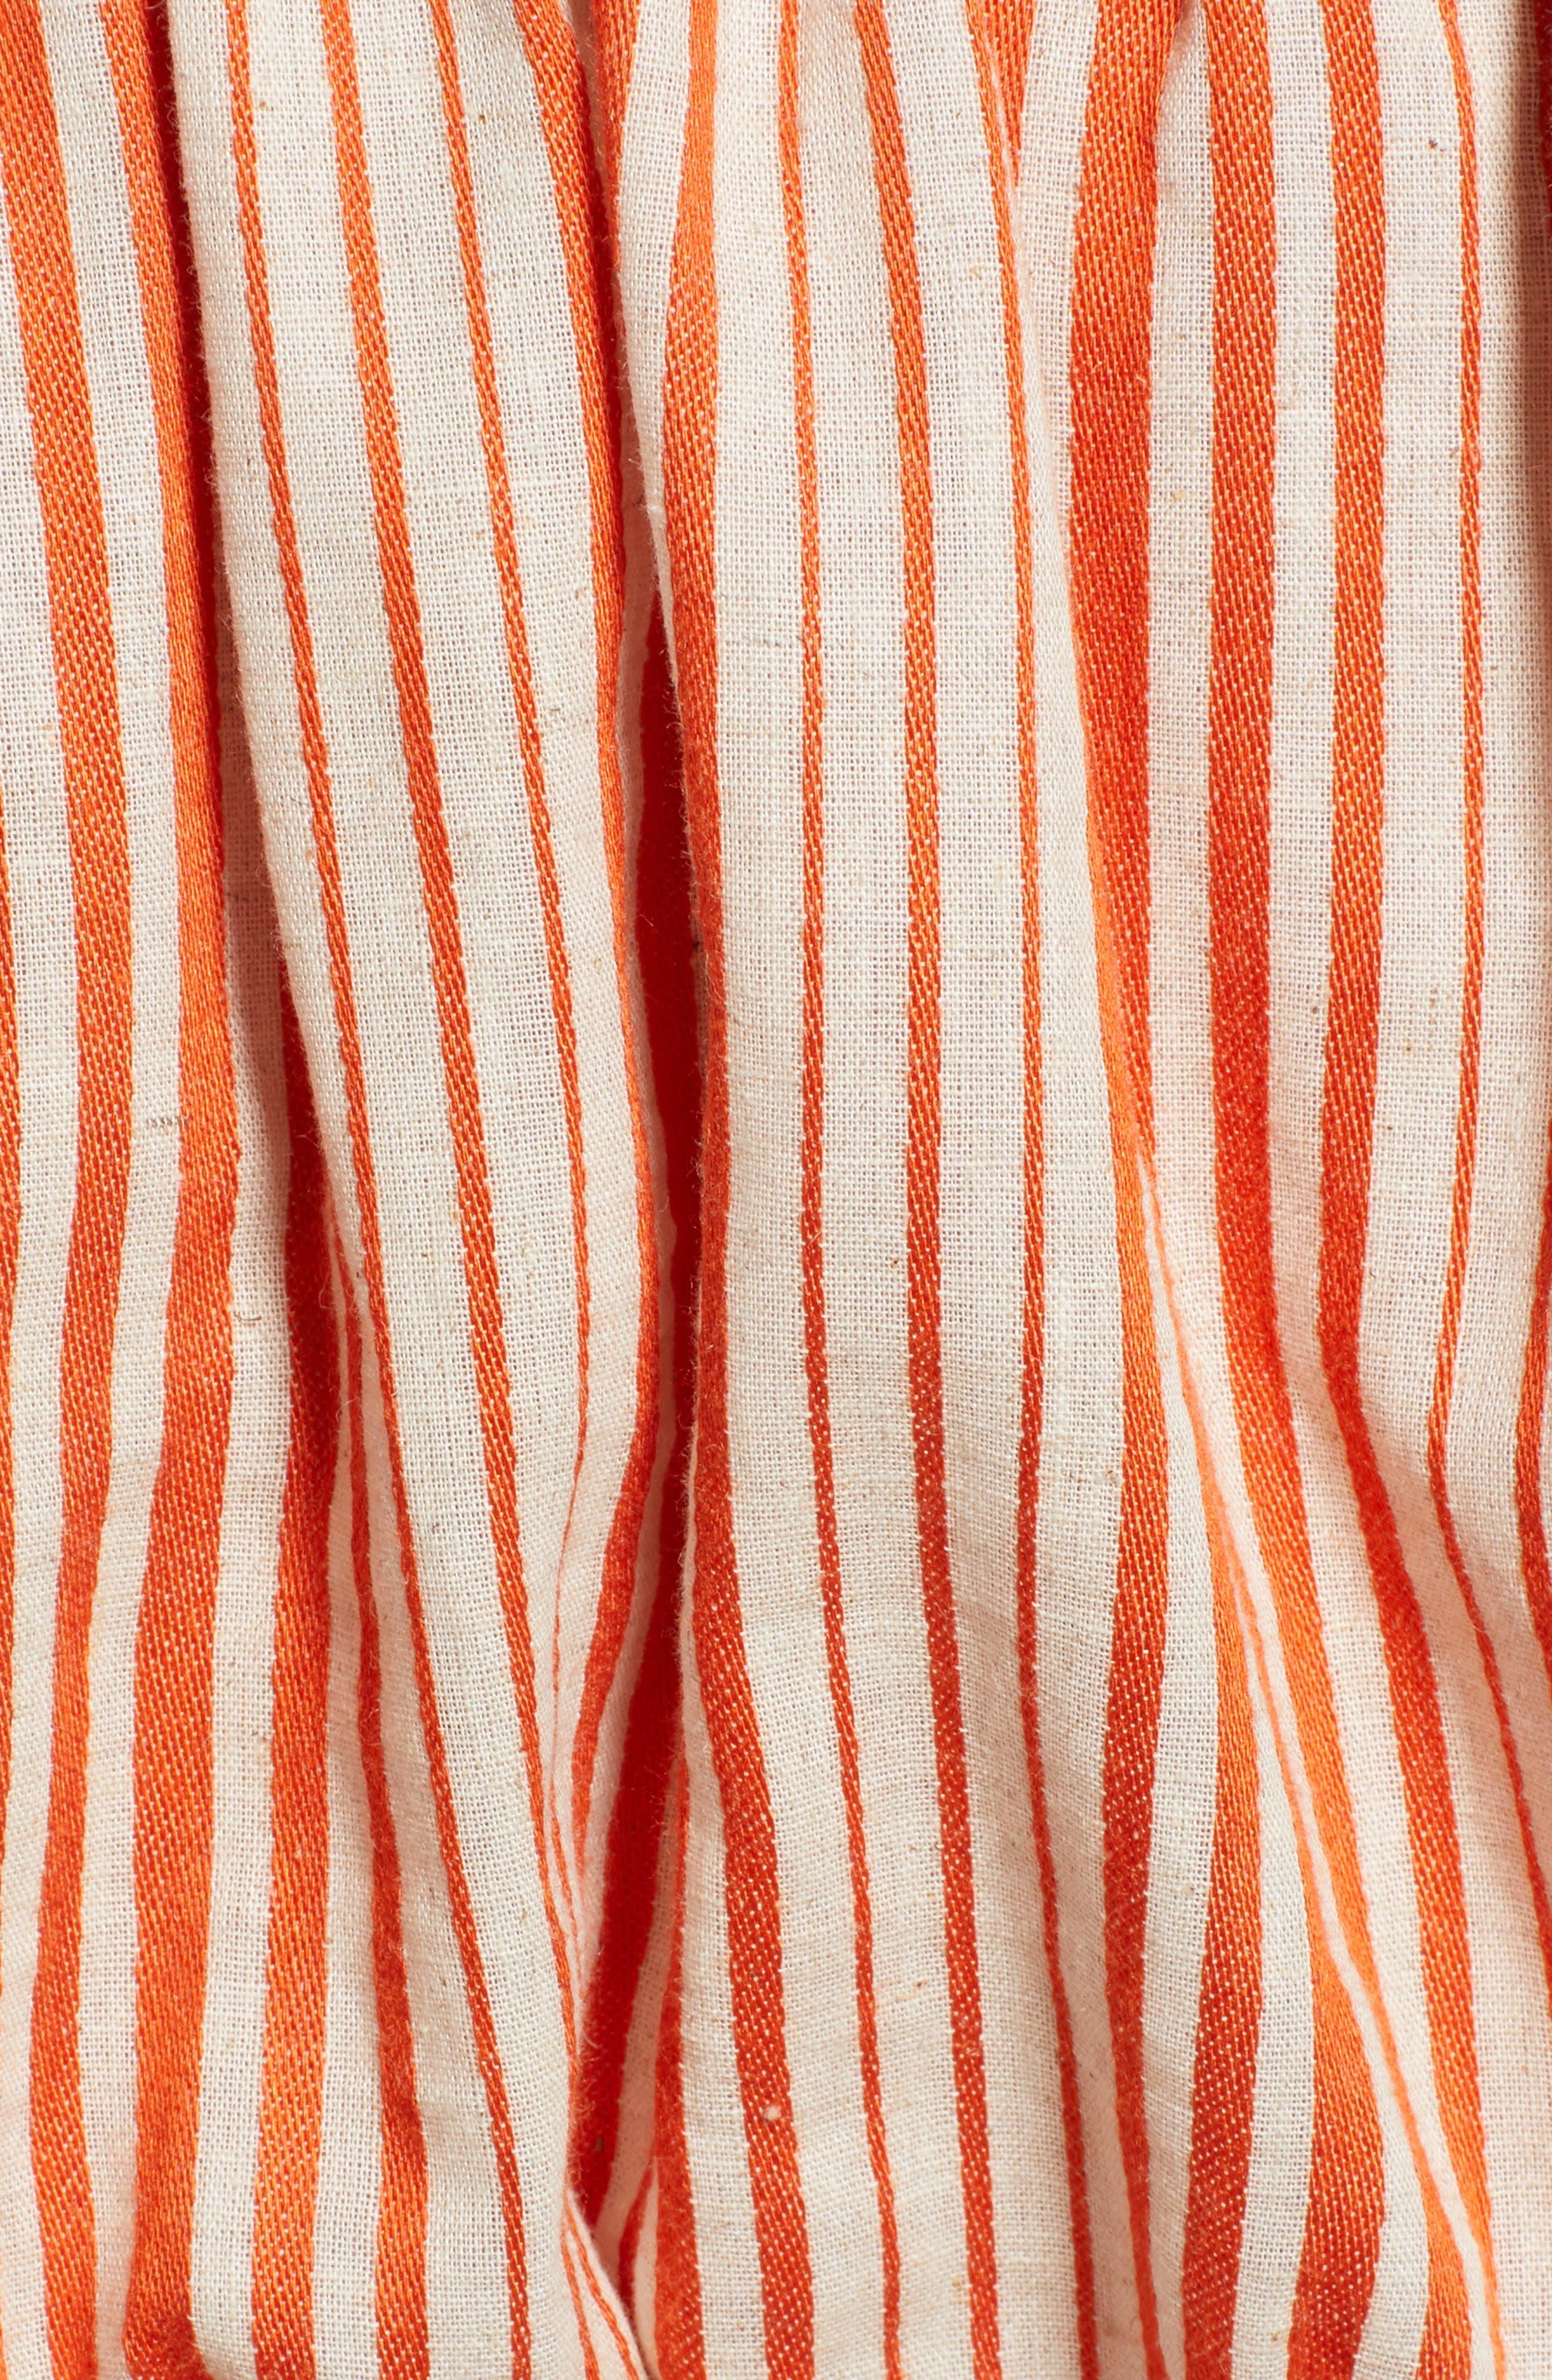 Stripe Off the Shoulder Linen & Cotton Top,                             Alternate thumbnail 5, color,                             800